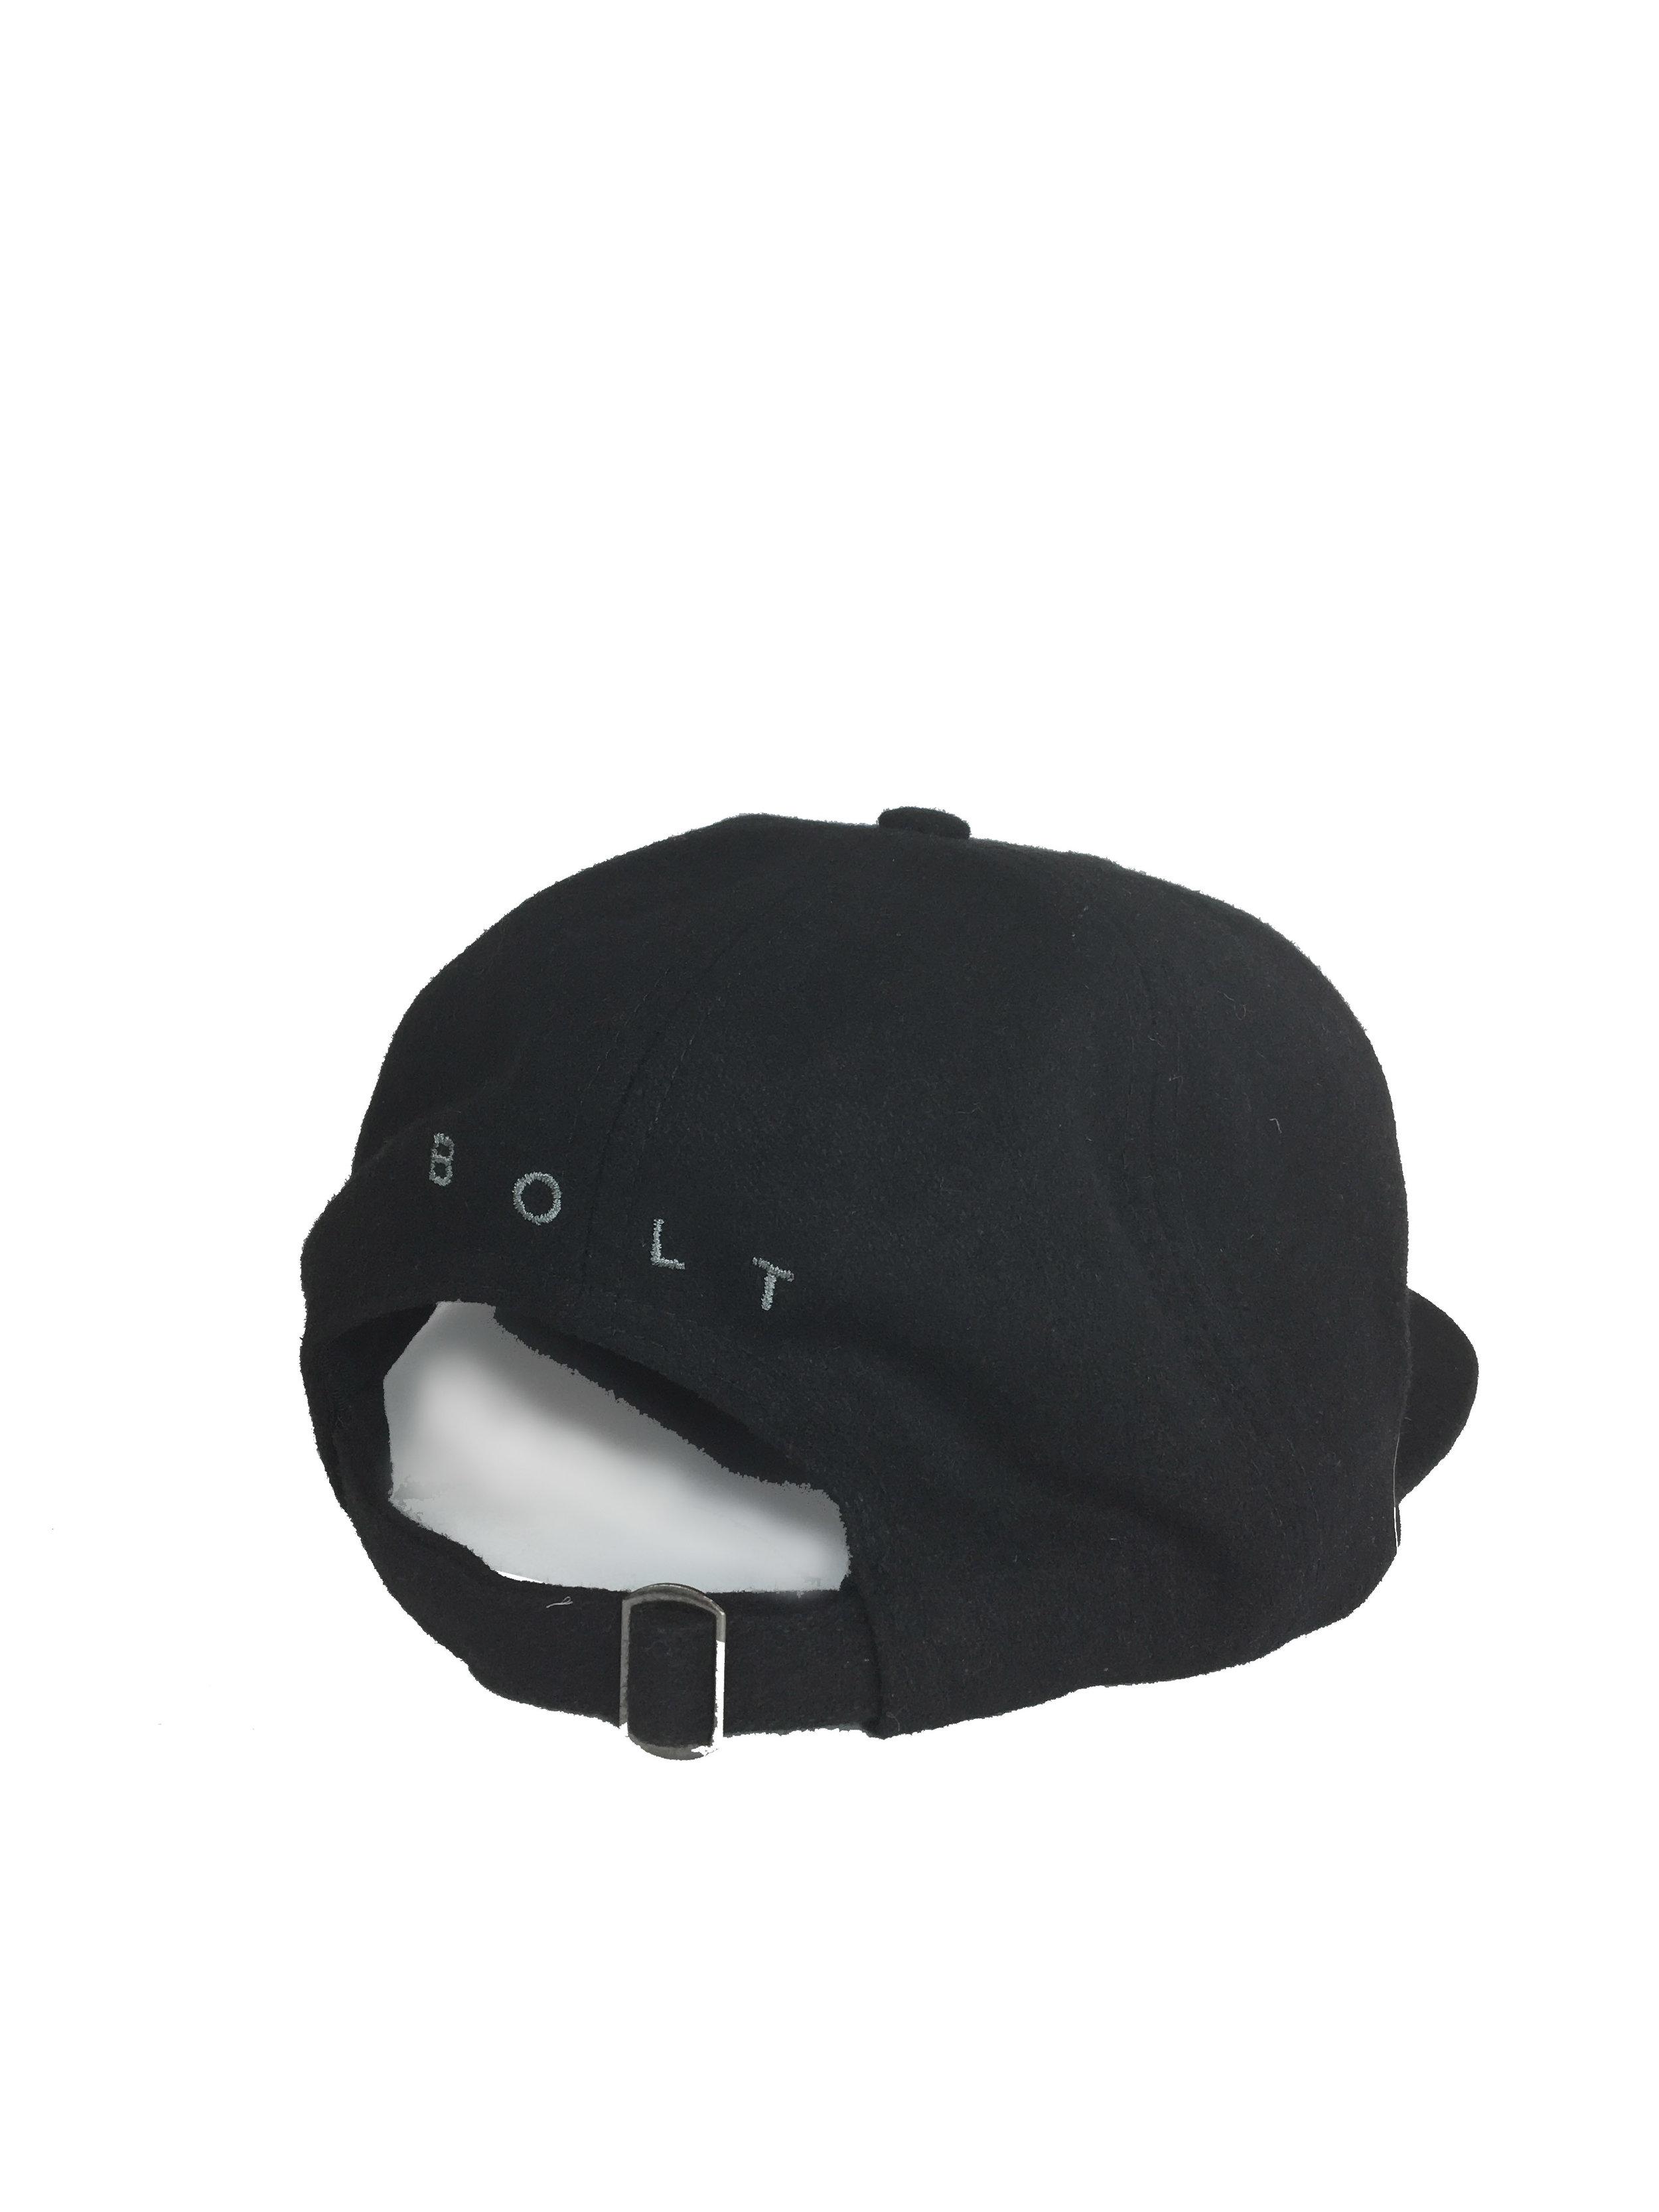 09e9c01e0 Melton Wool Baseball Cap